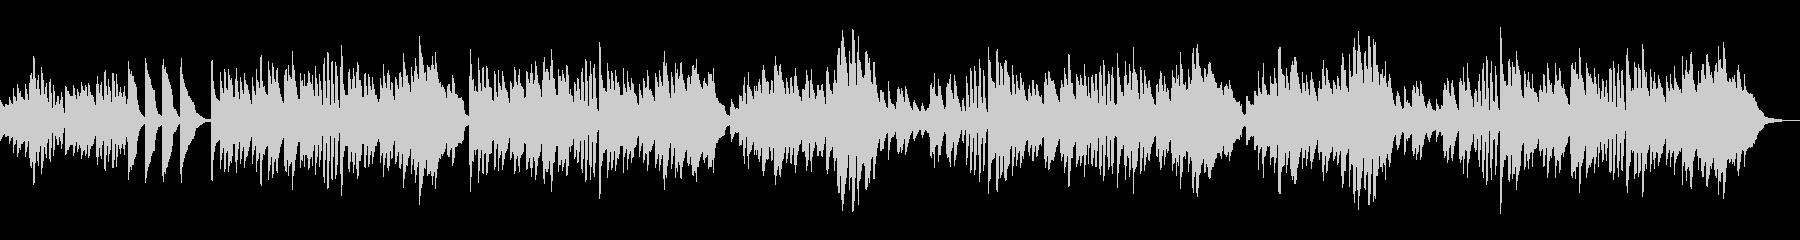 ピアノ練習曲/ブルグミュラー小さなつどいの未再生の波形